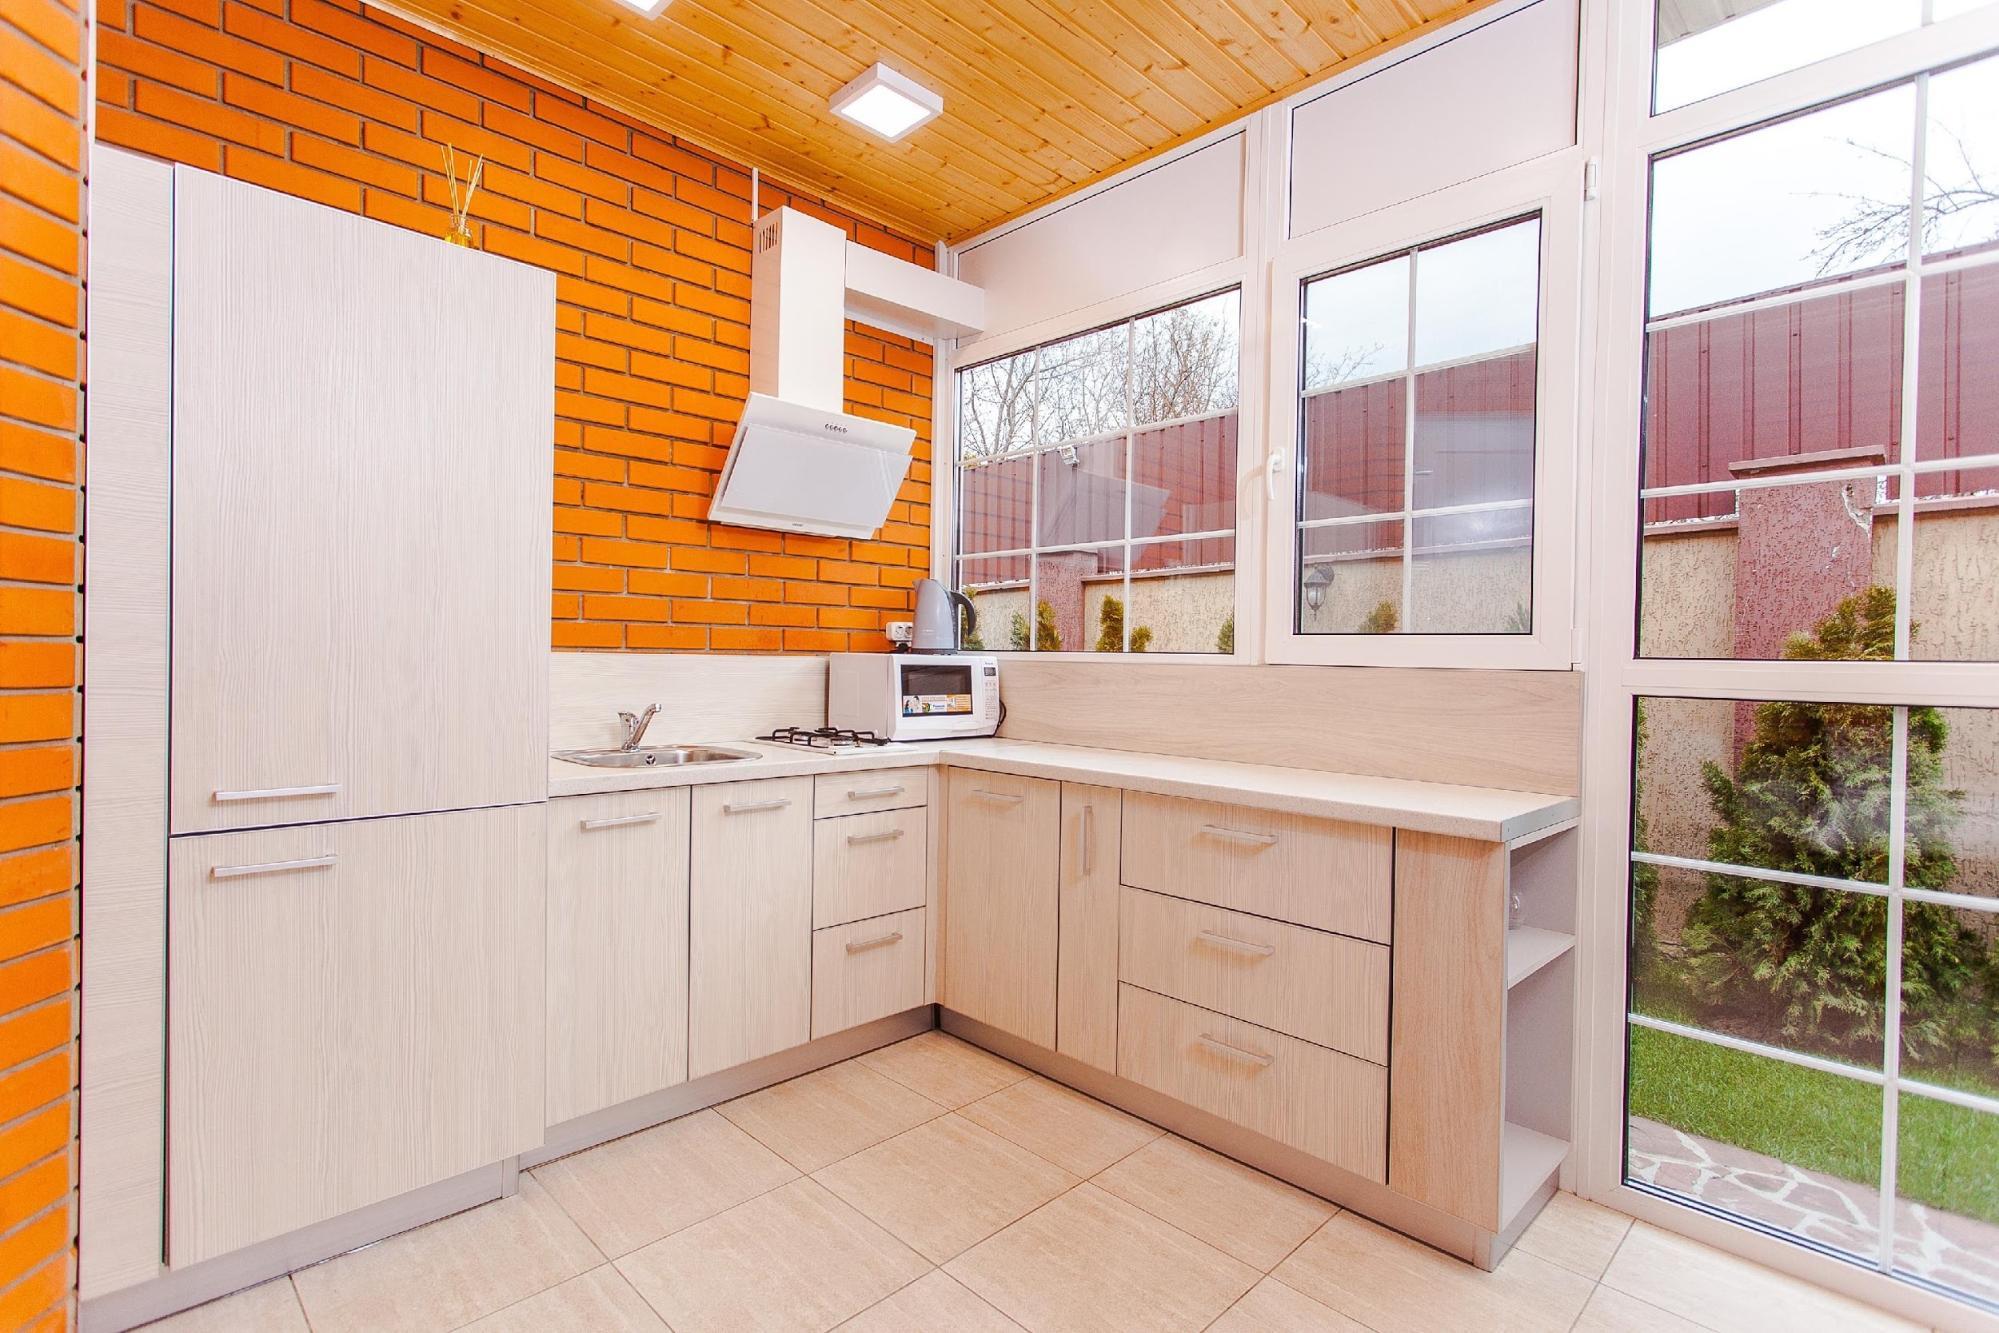 L & U Shape Modular Kitchen Interior Design – Popular Kitchen Layouts